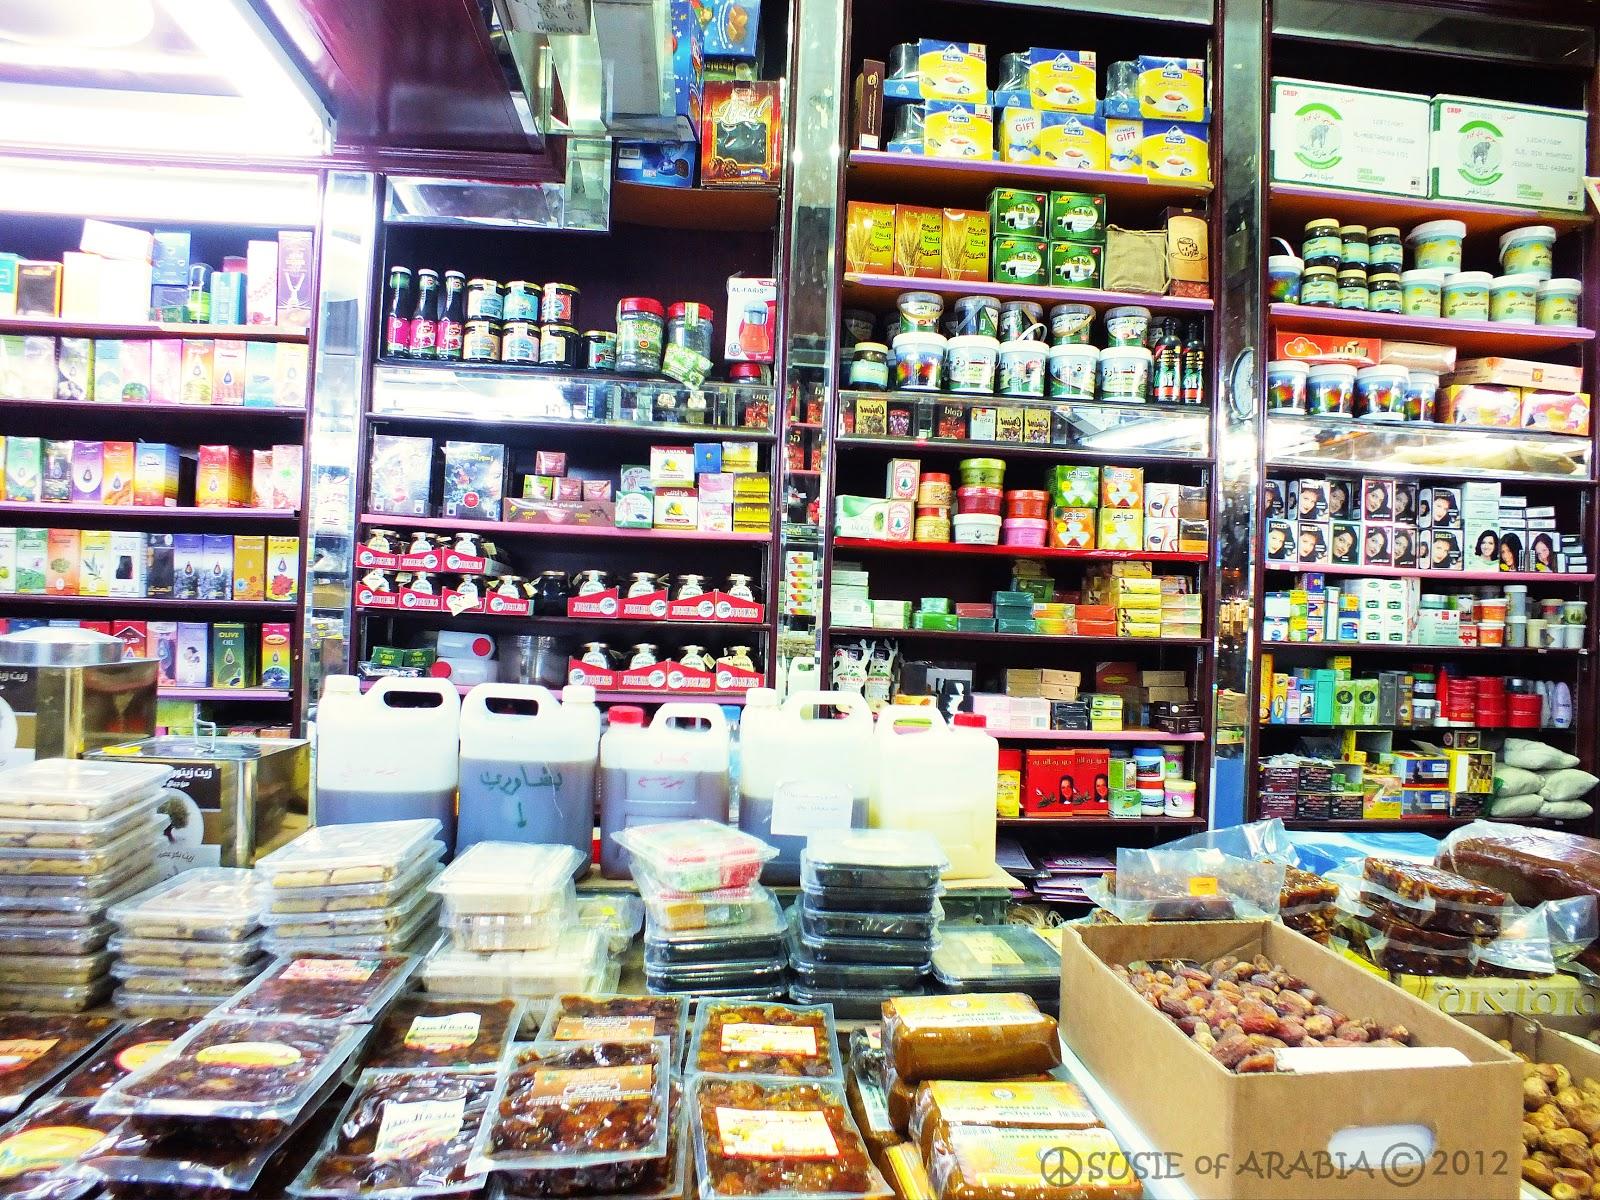 herbal store in saudi arabia